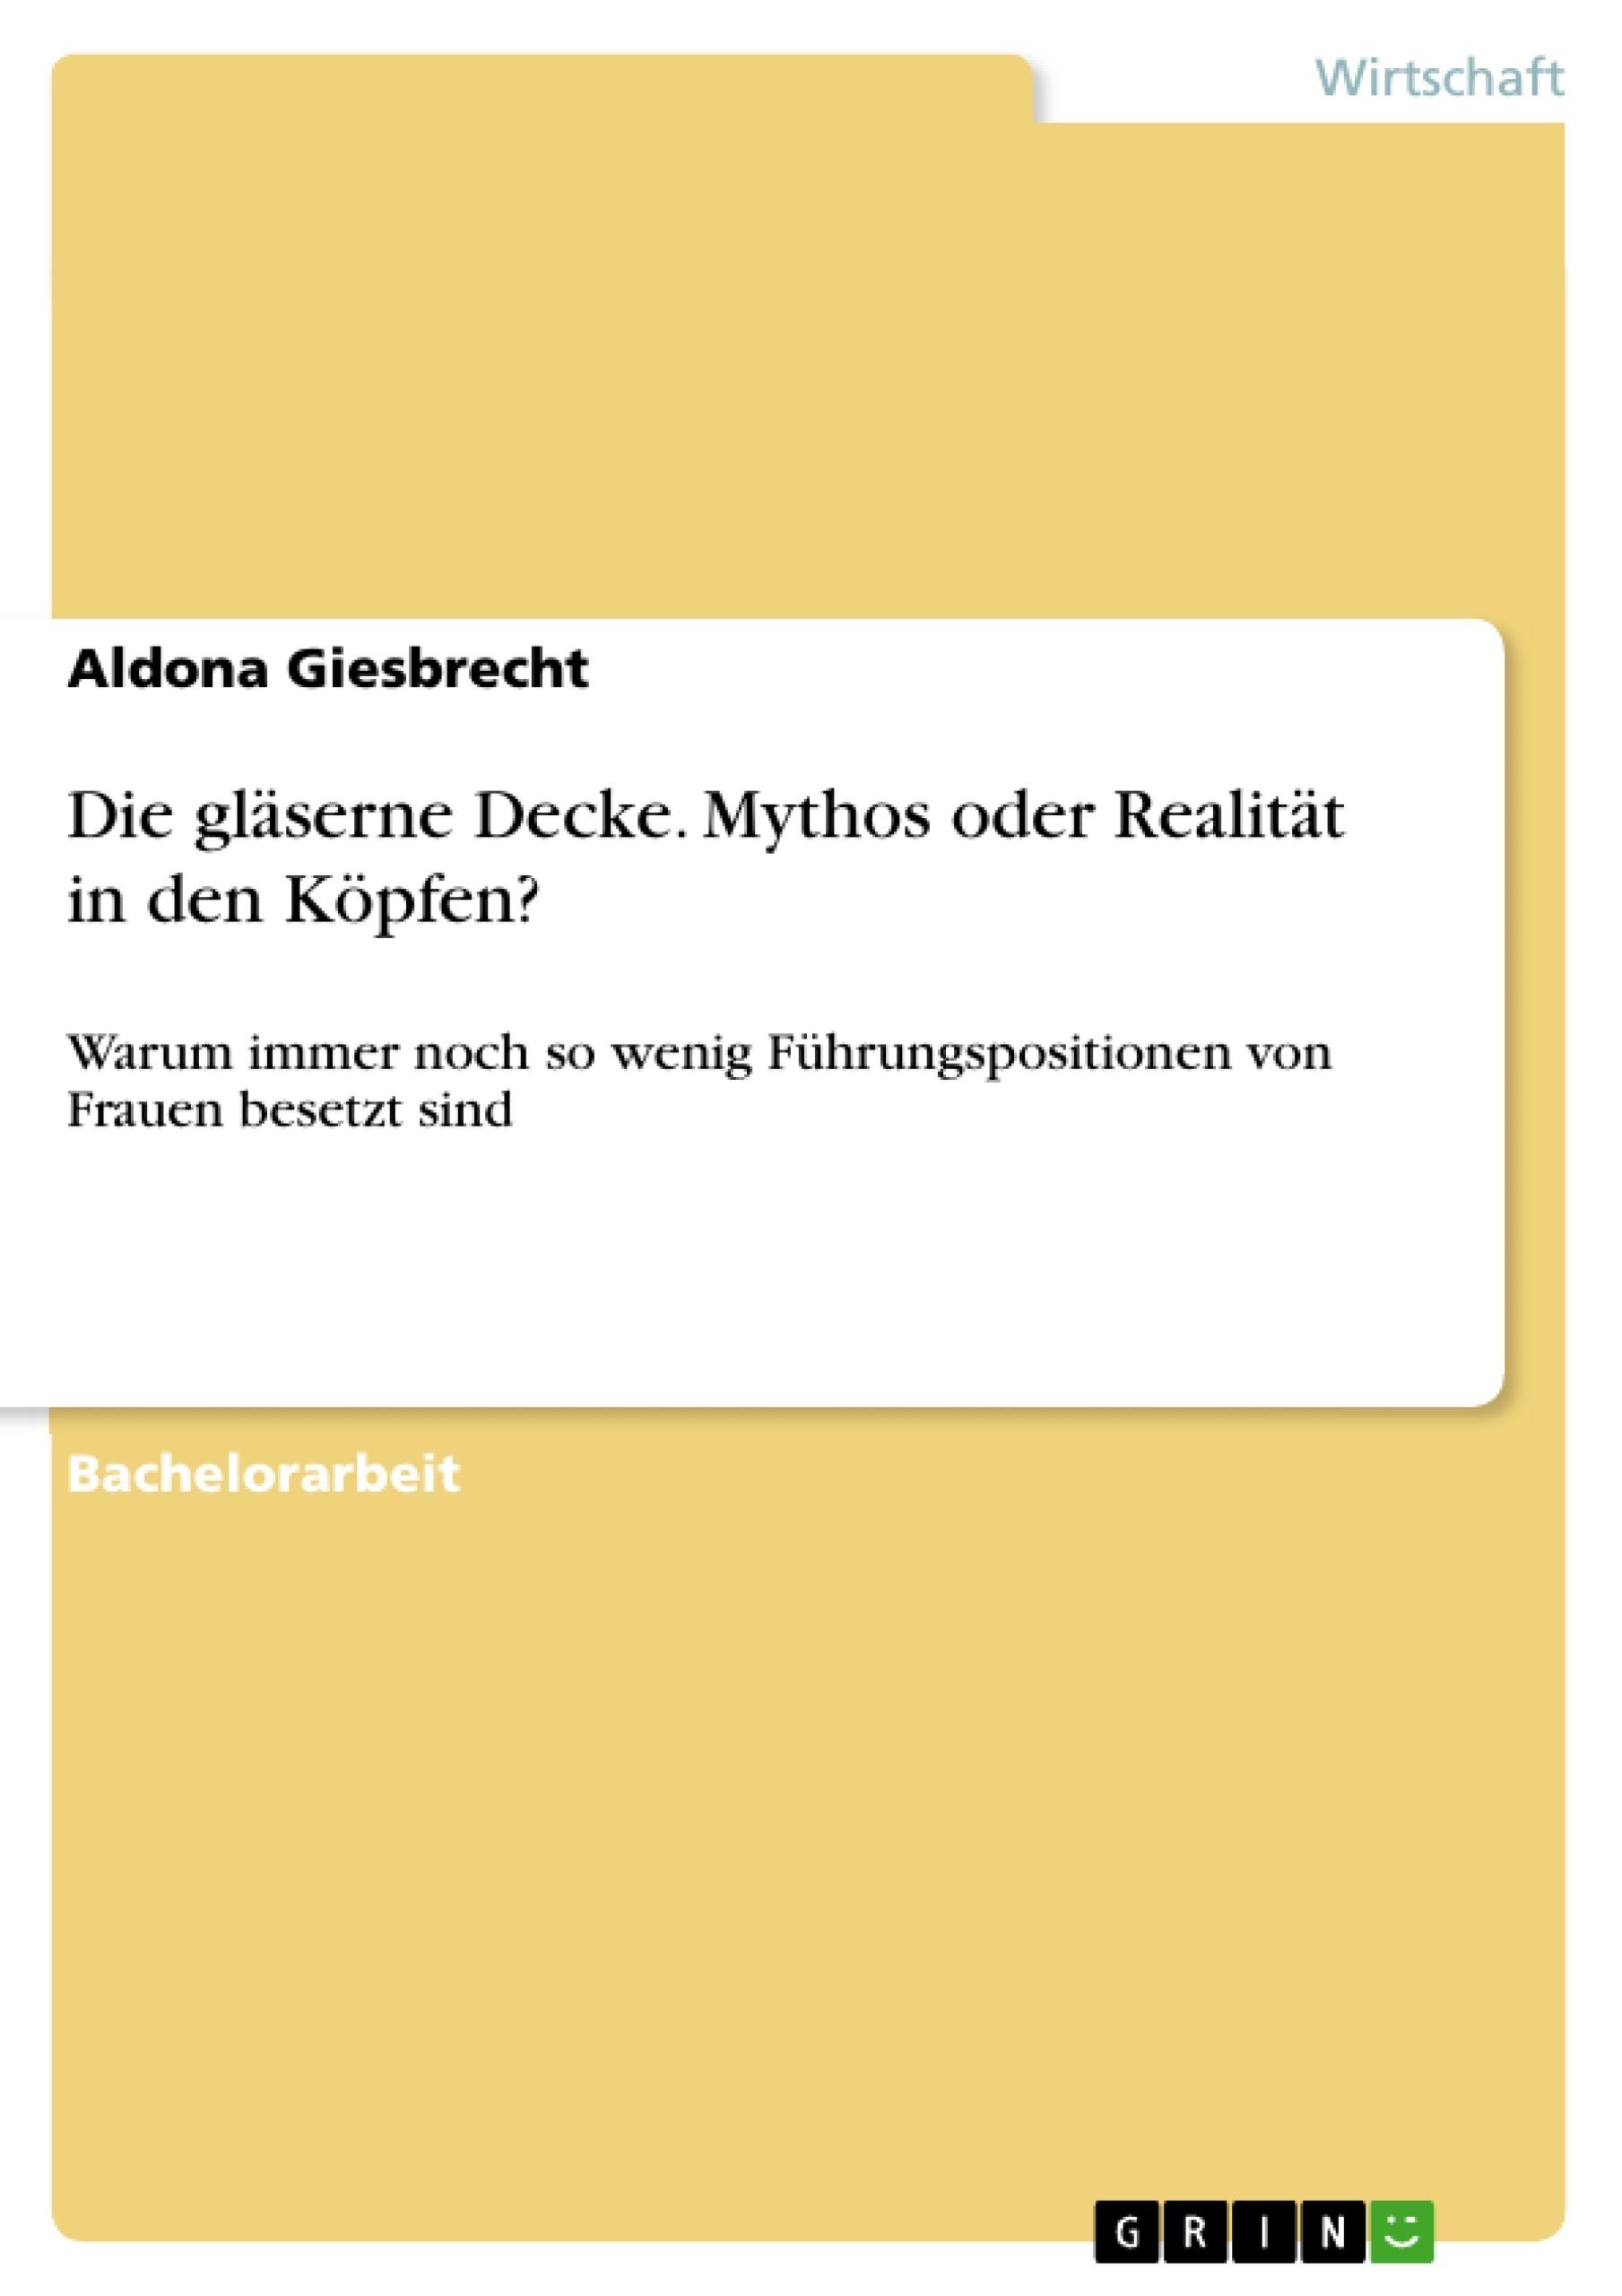 Titel: Die gläserne Decke. Mythos oder Realität in den Köpfen?